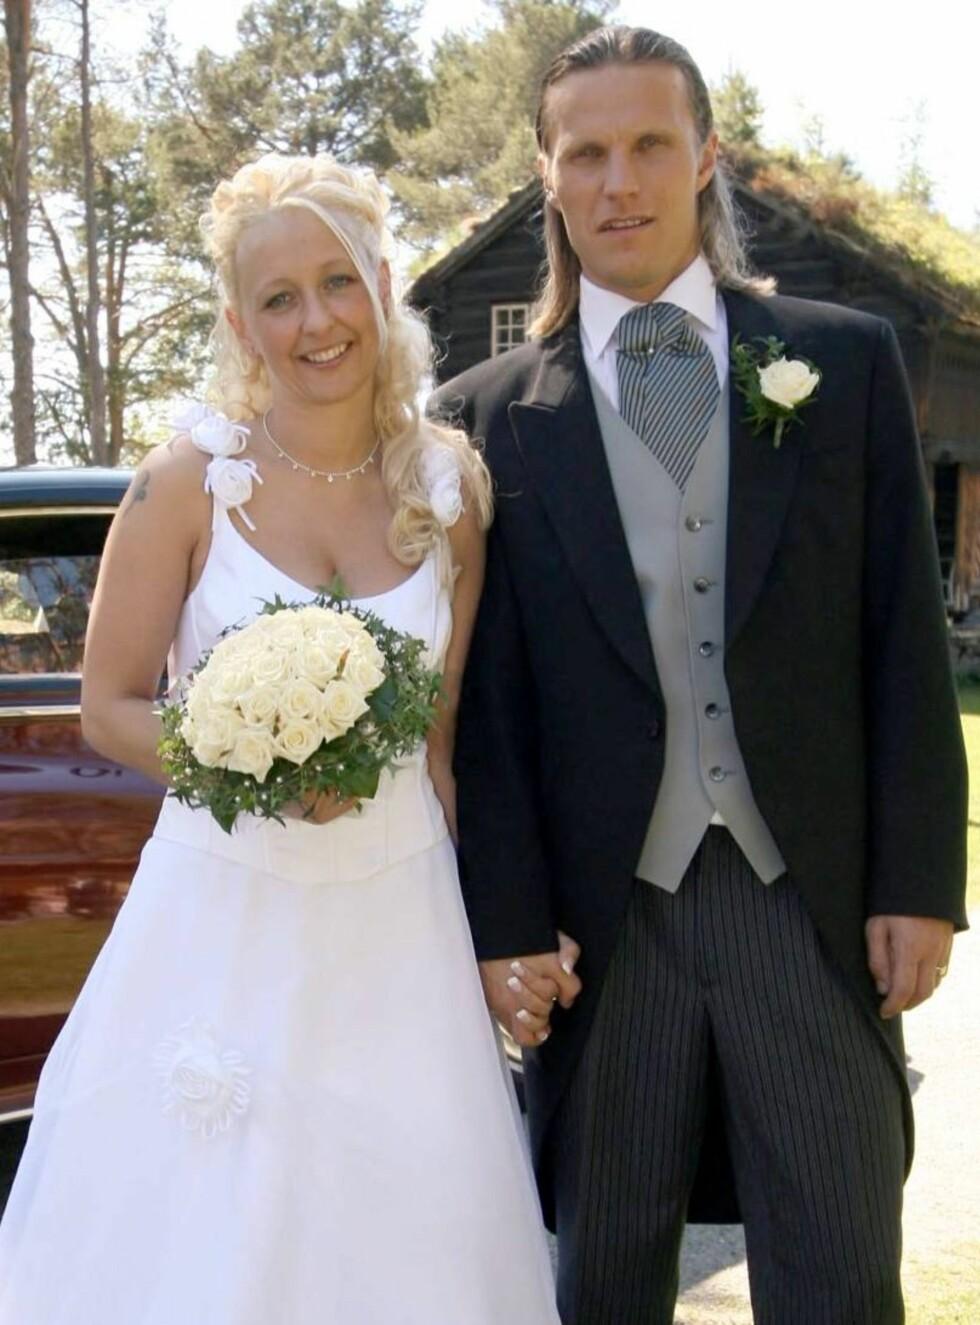 DEILIG DAG: Paret ønsket ikke noe stort oppstyr rundt bryllupet. Foto: Morten Krogh/Se og Hør